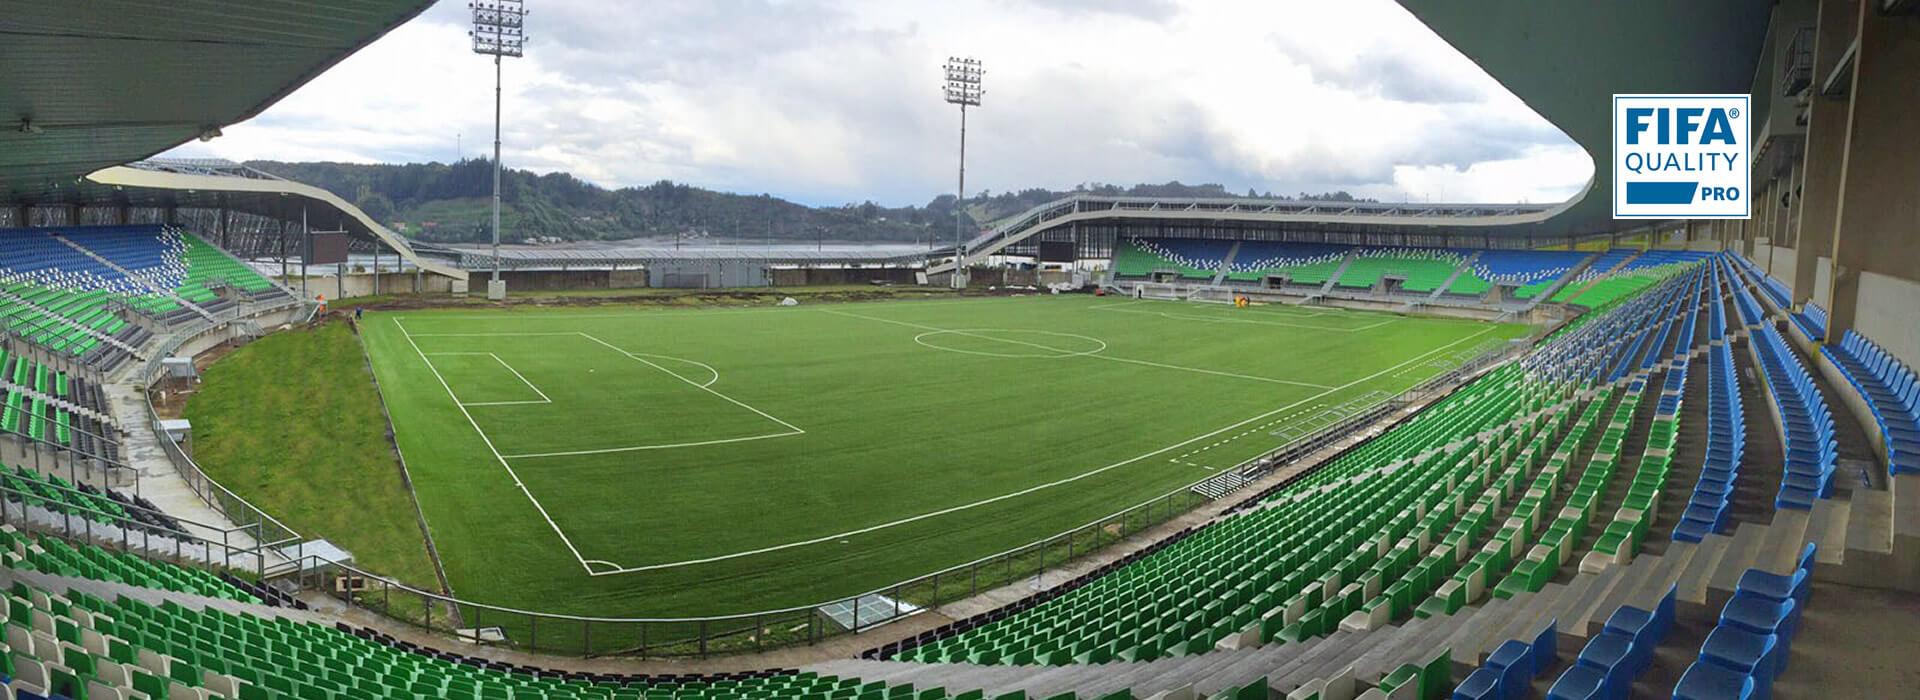 CCGrass artificial grass surface for FIFA U-17